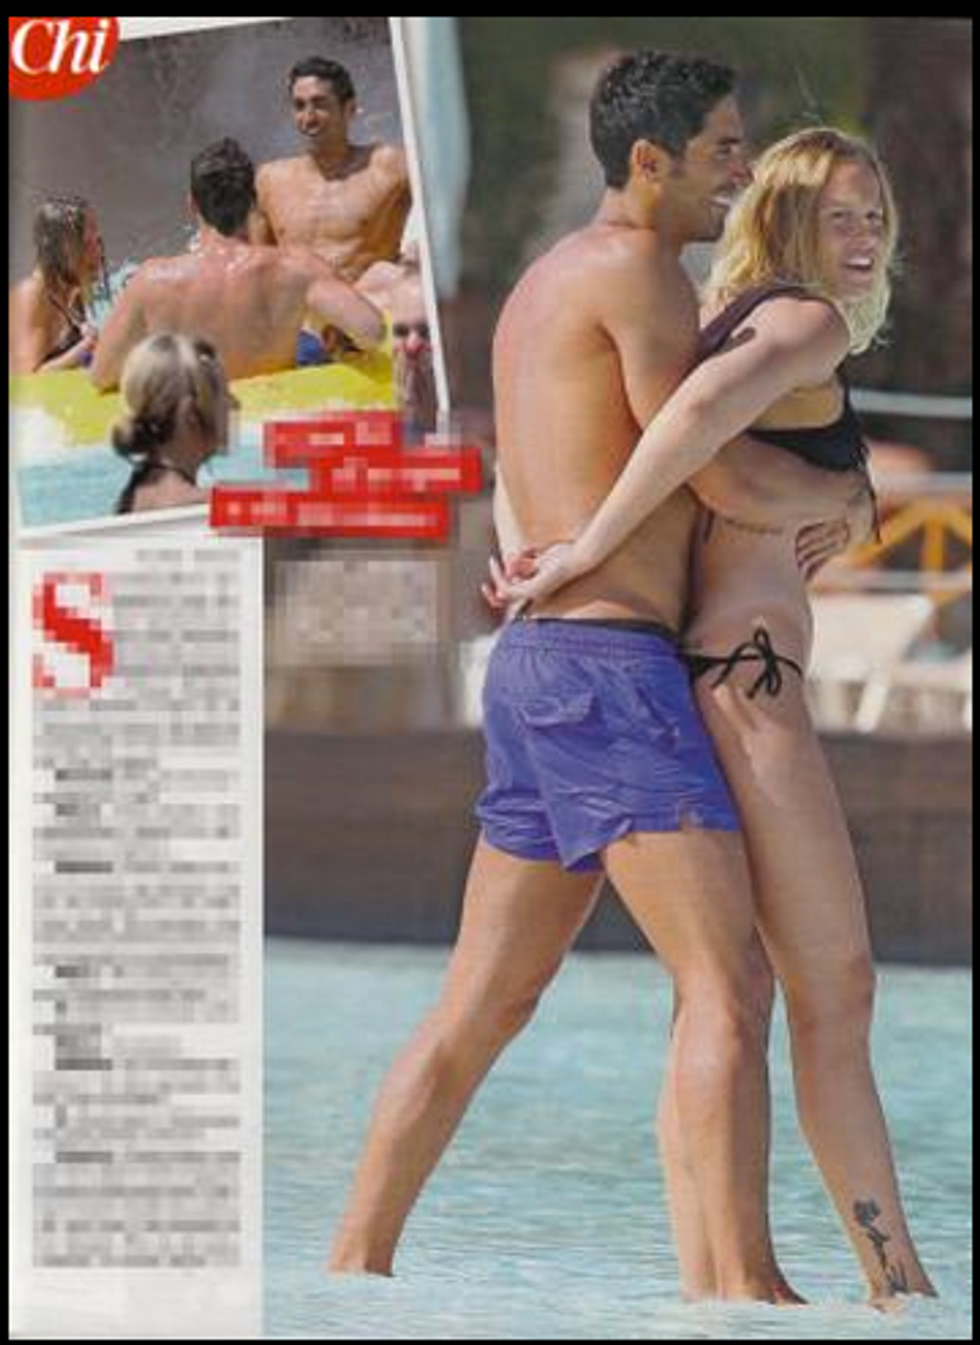 Federica Pellegrini e Filippo Magnini innamorati a Tenerife